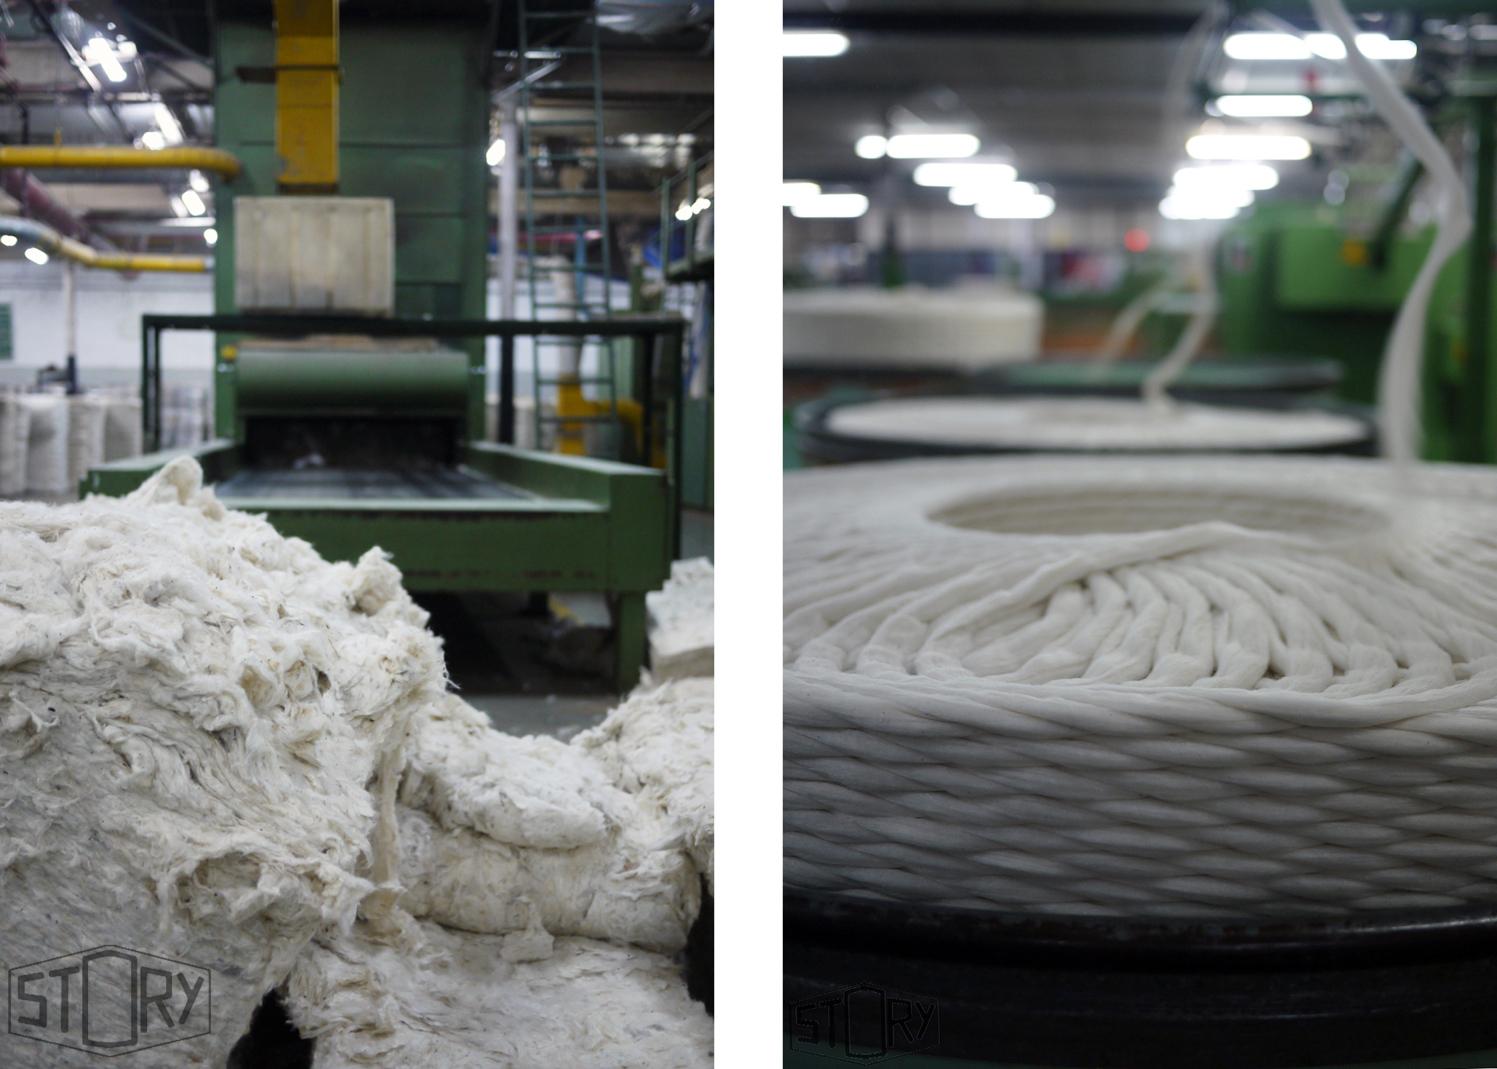 02_STORYmfg_NixNi_manufacture